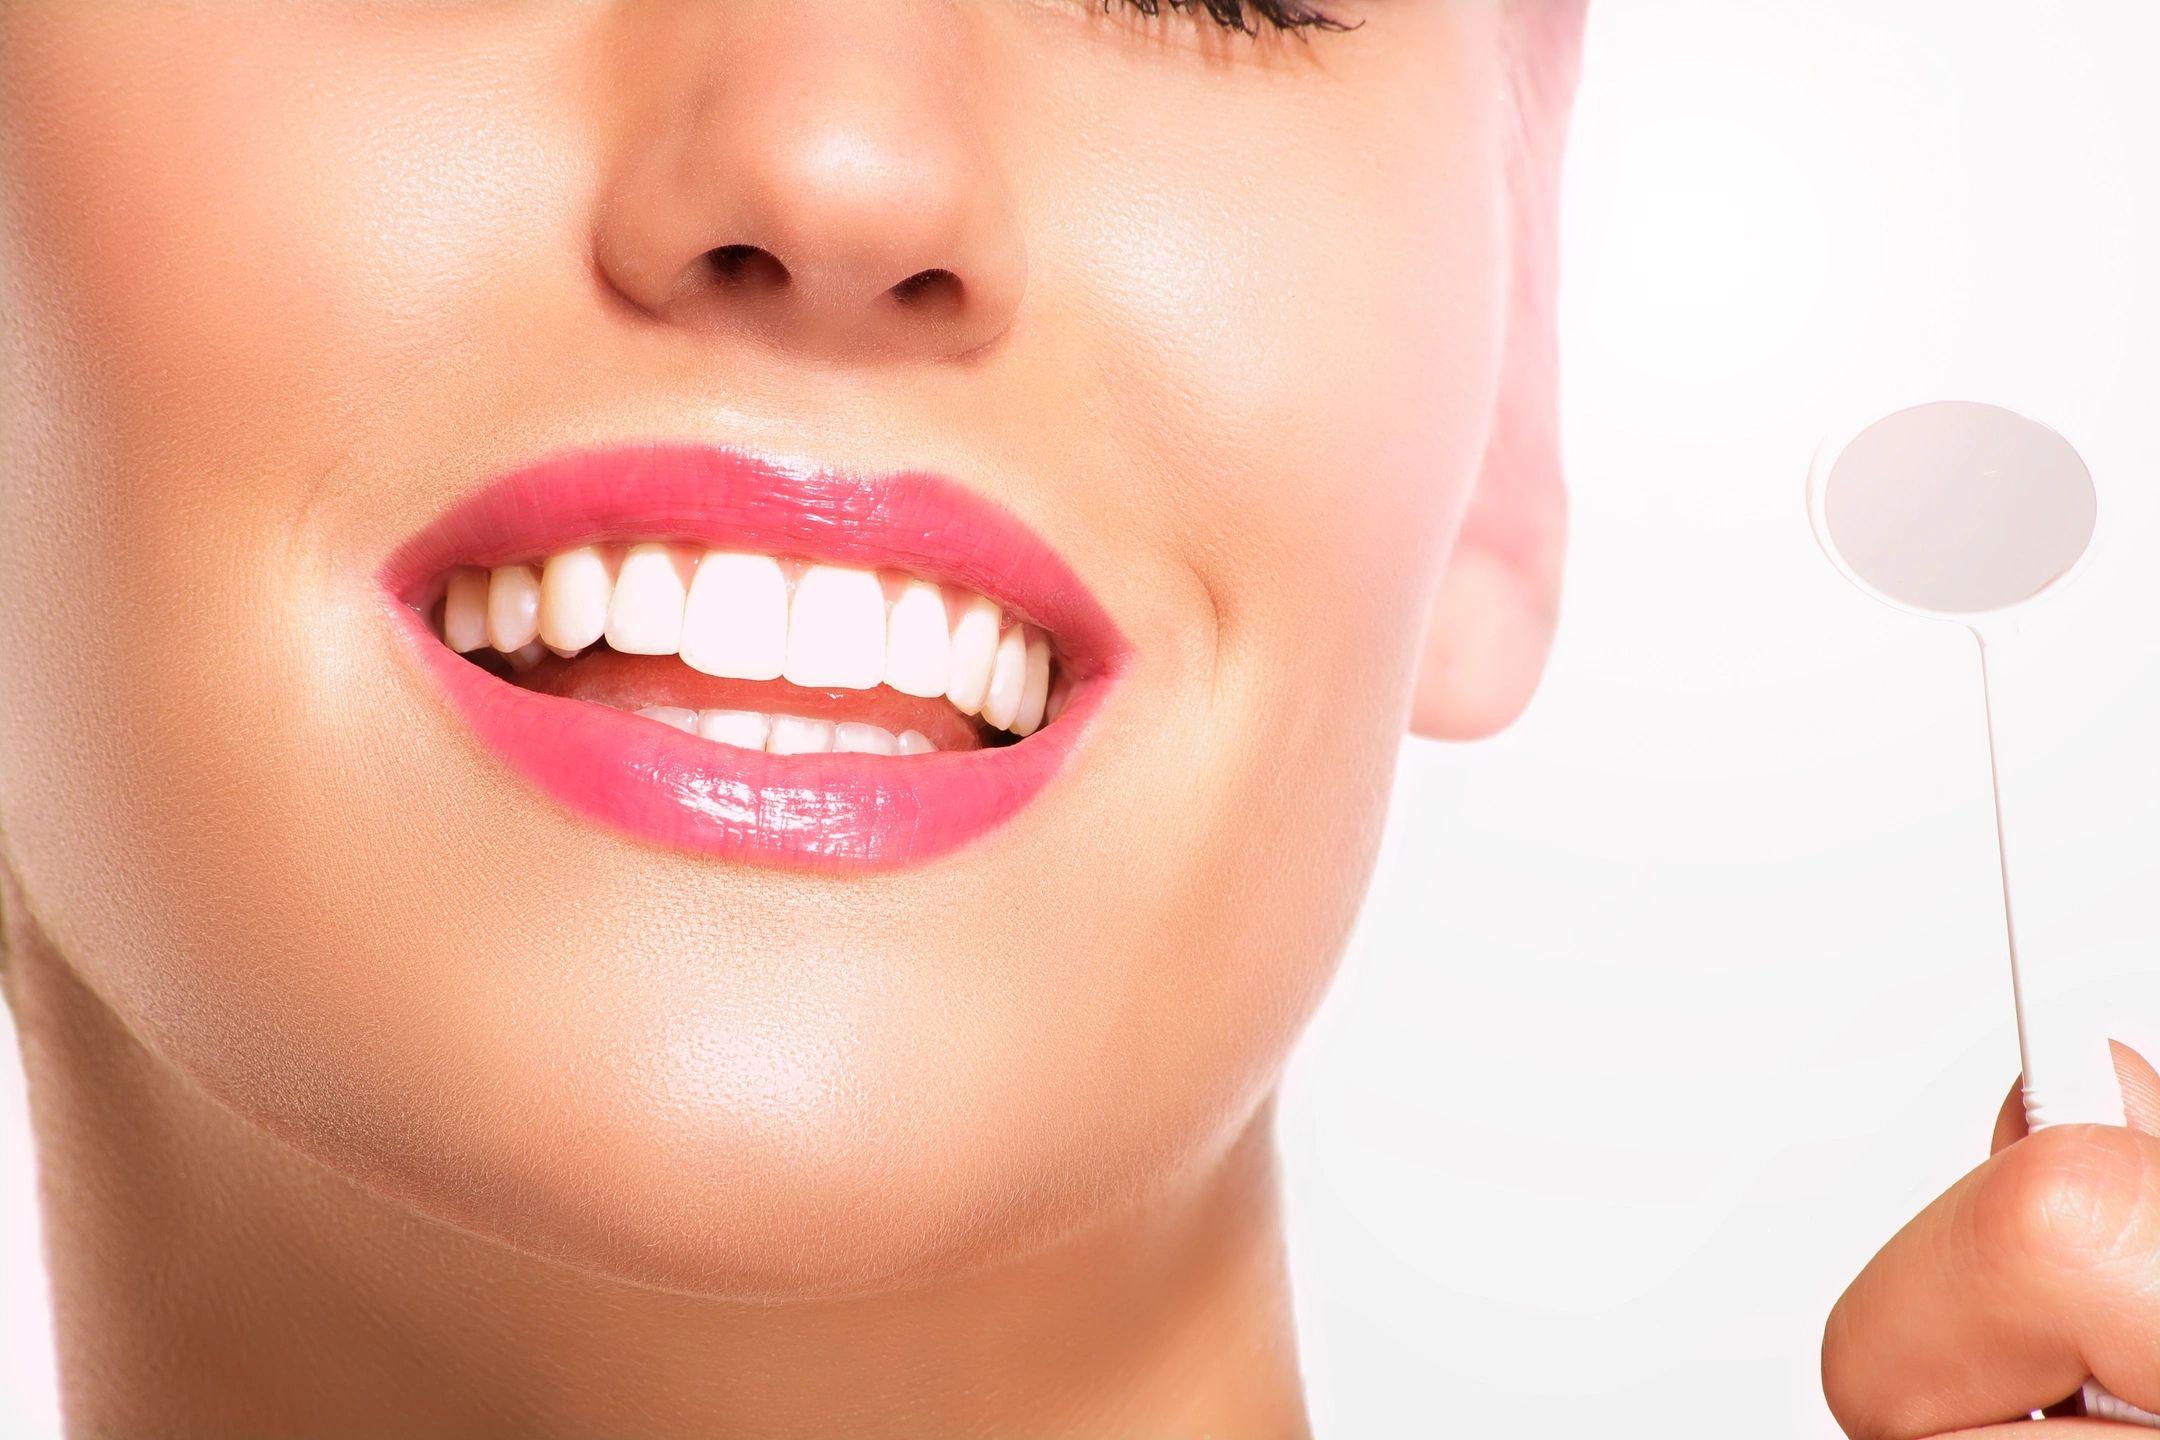 dentist  dentistry cosmetic dentist Florence, ky  Cincinnati  northern Kentucky  Dr. Ron Elliott veneers  inlays bridges dentures crowns composite fillings bonding  dental implants